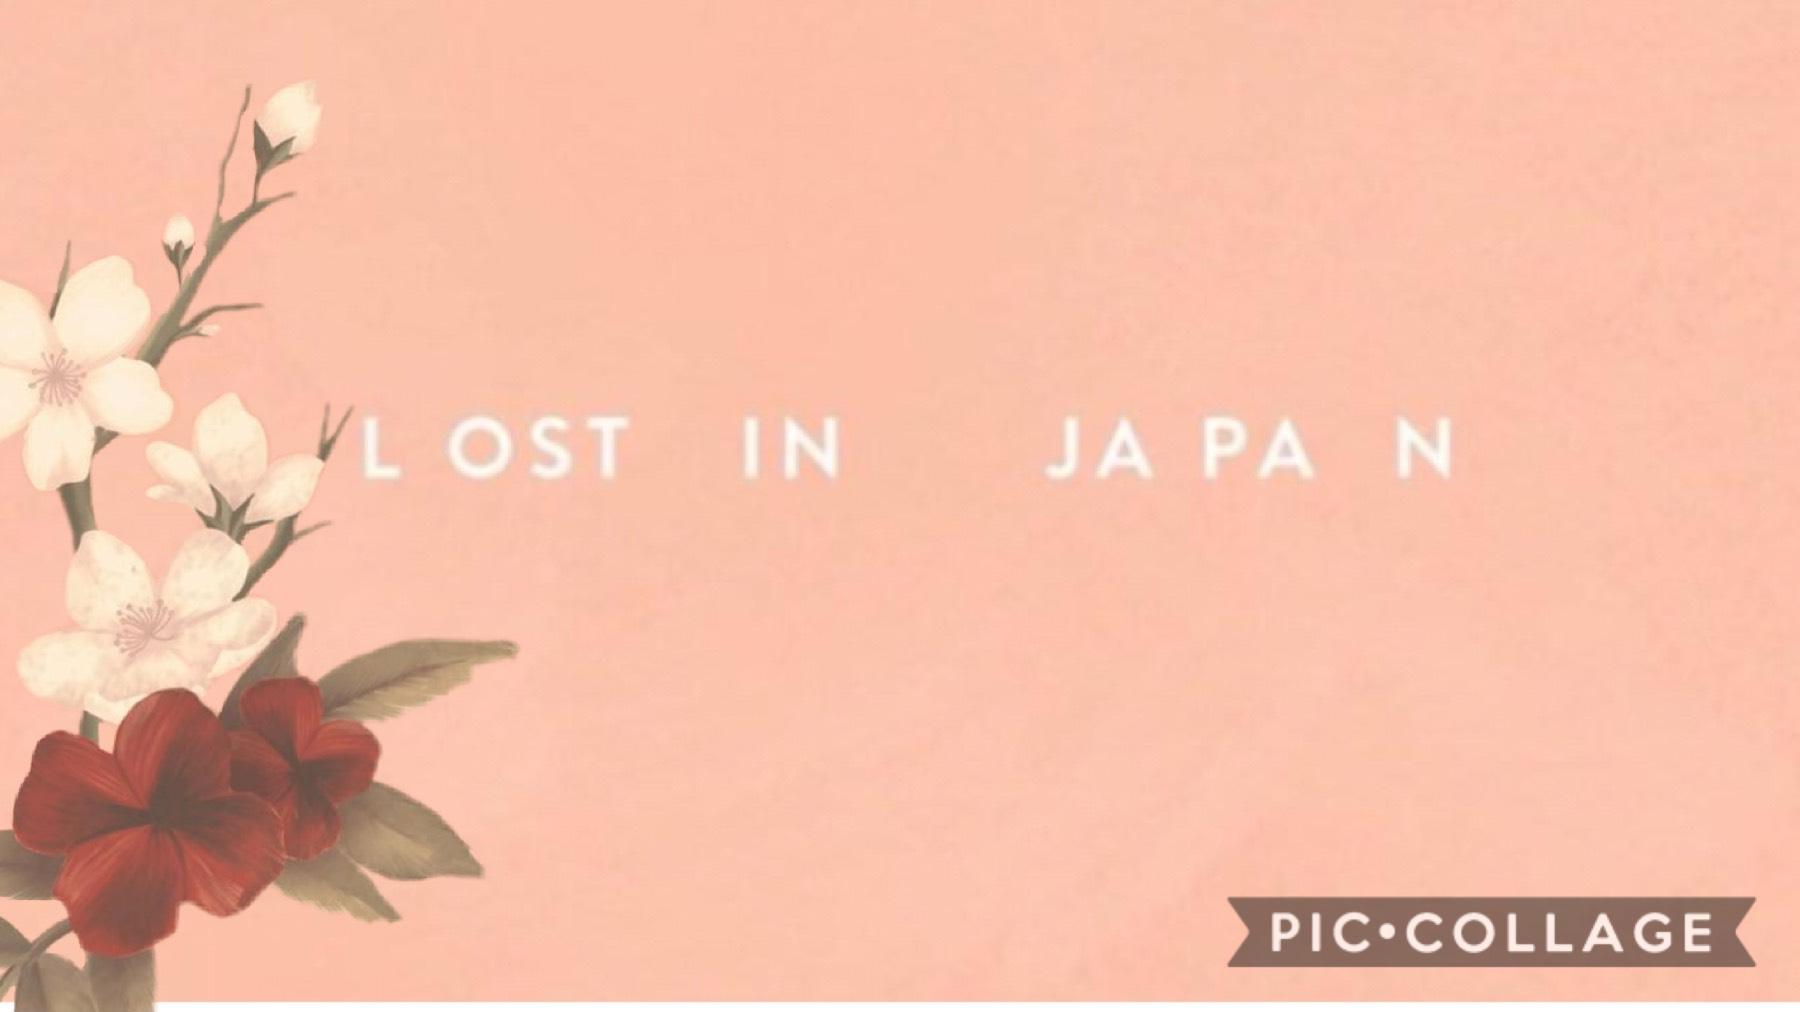 Shawn Mendes Wallpaper Desktop Lost In Japan Ausdrucken Japan